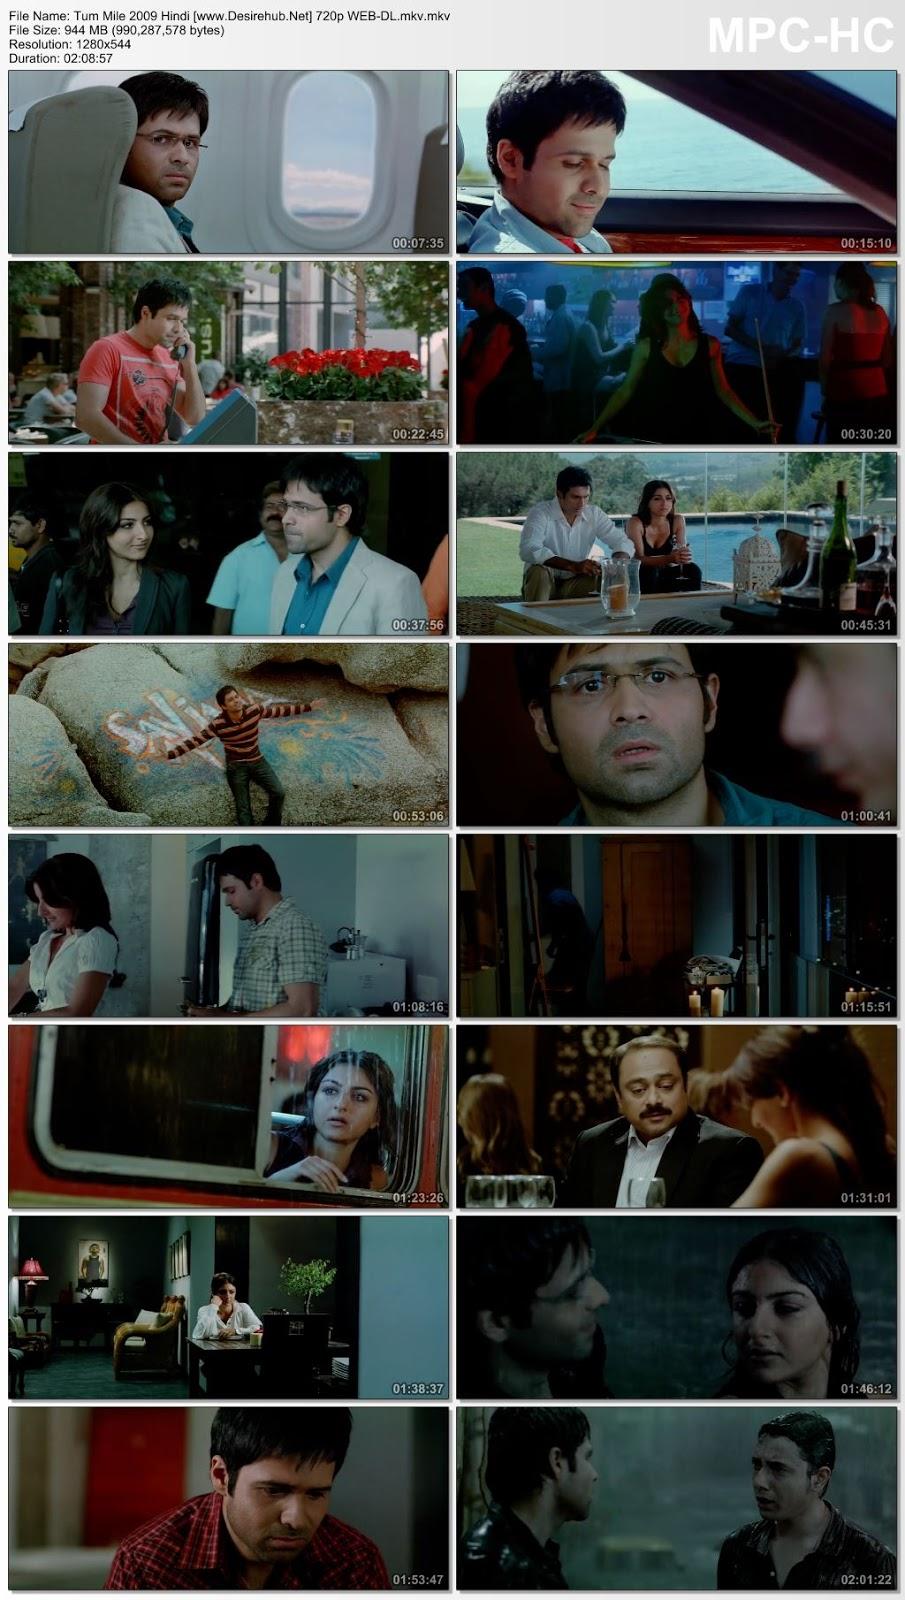 Tum Mile 2009 Hindi 720p WEB-DL 900MB Desirehub